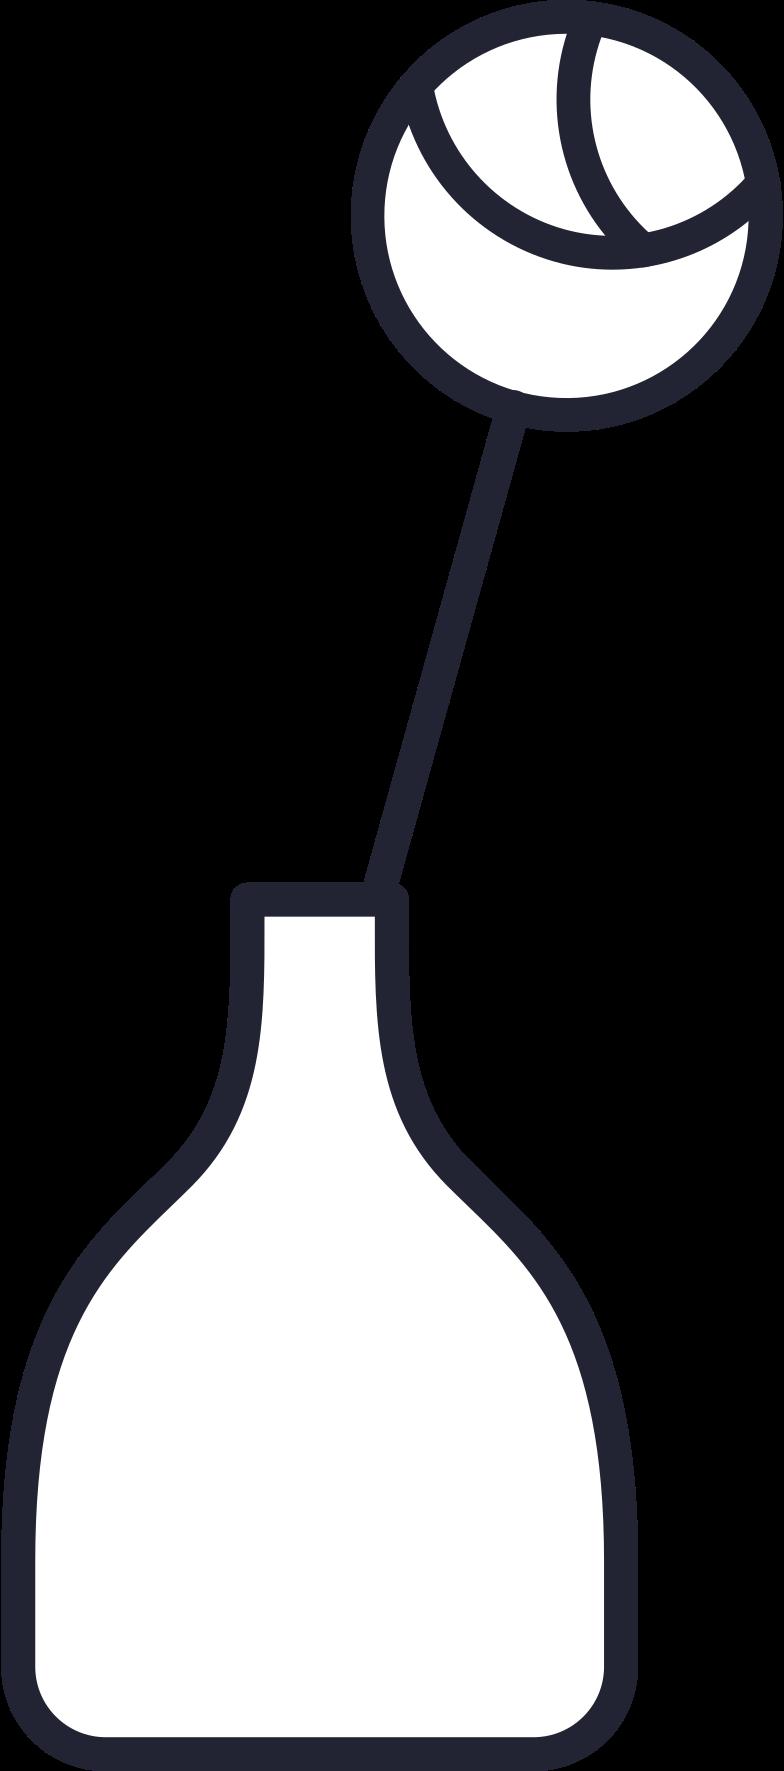 order completed  flower in vase Clipart illustration in PNG, SVG